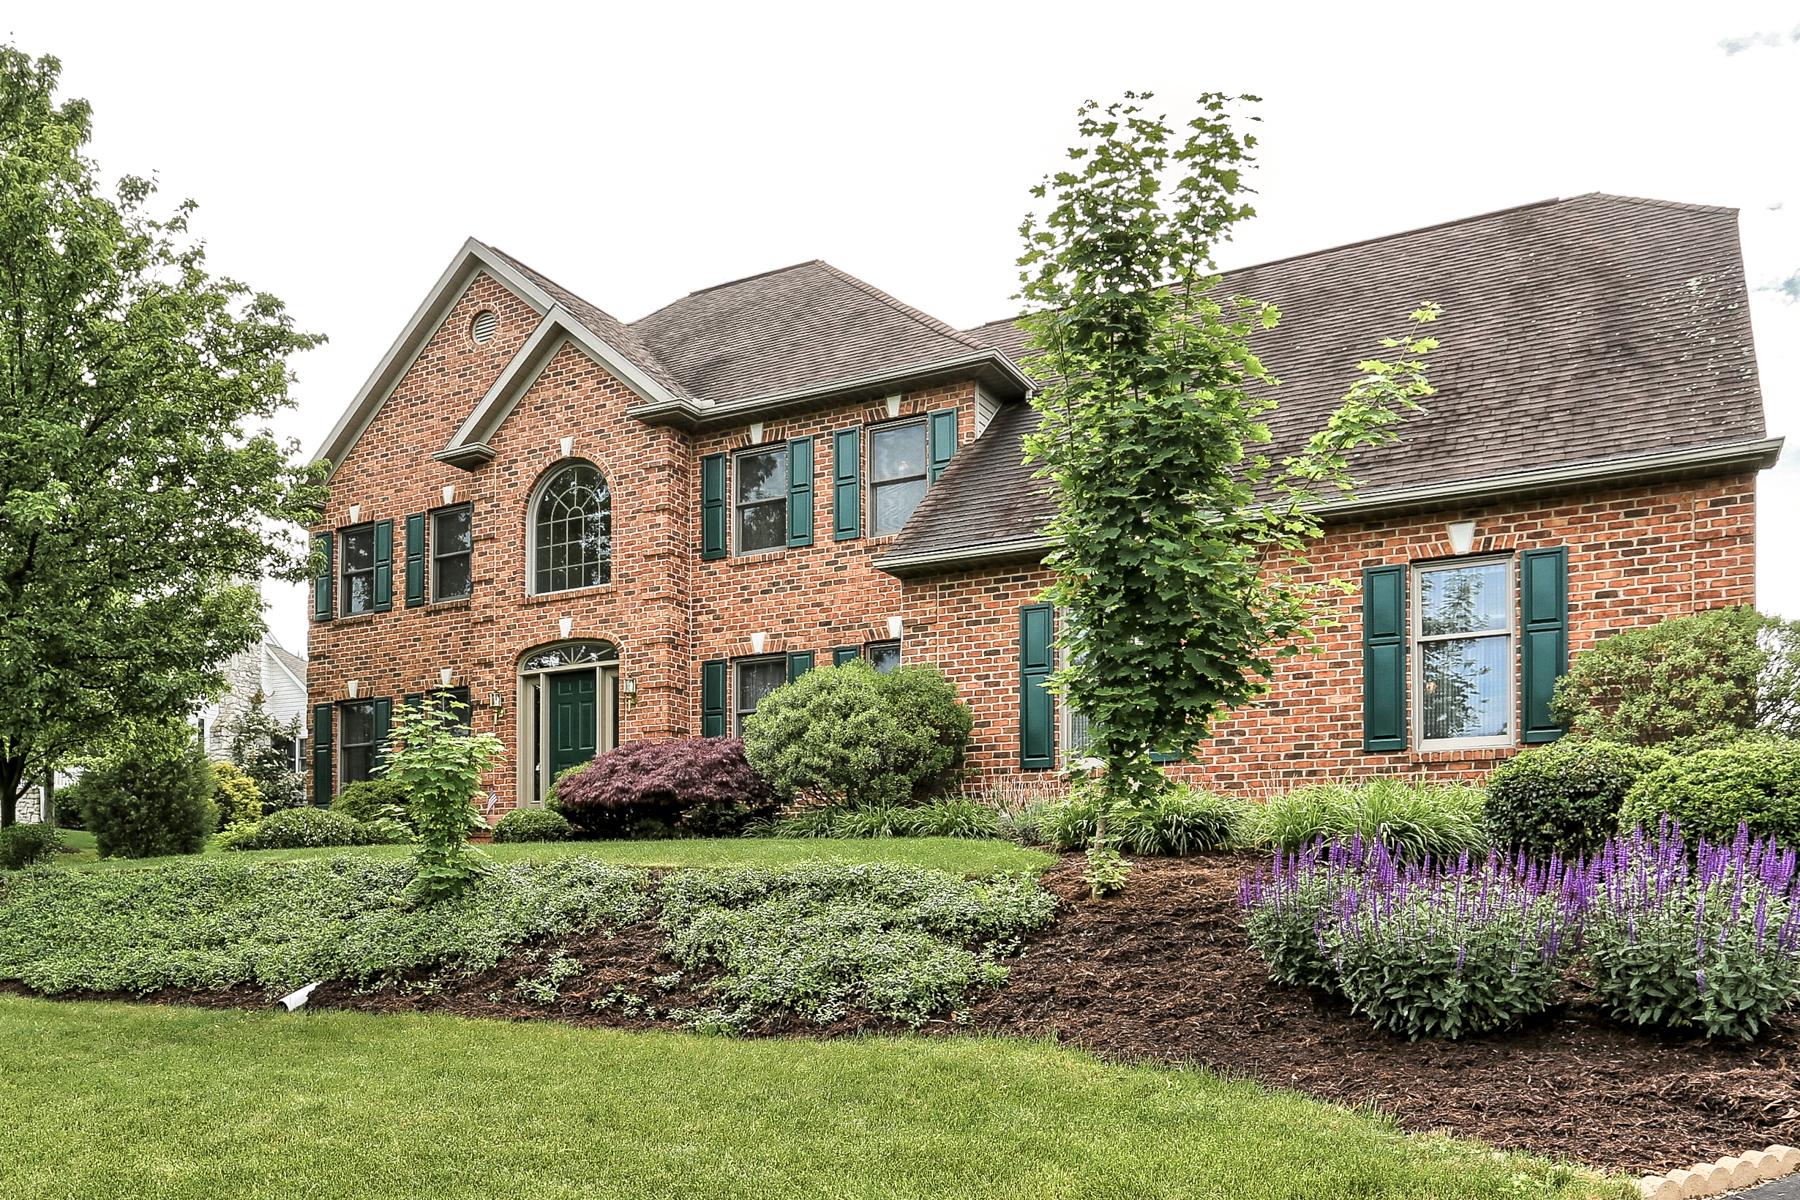 独户住宅 为 销售 在 58 Old English Lane 伊丽莎白镇, 宾夕法尼亚州 17022 美国